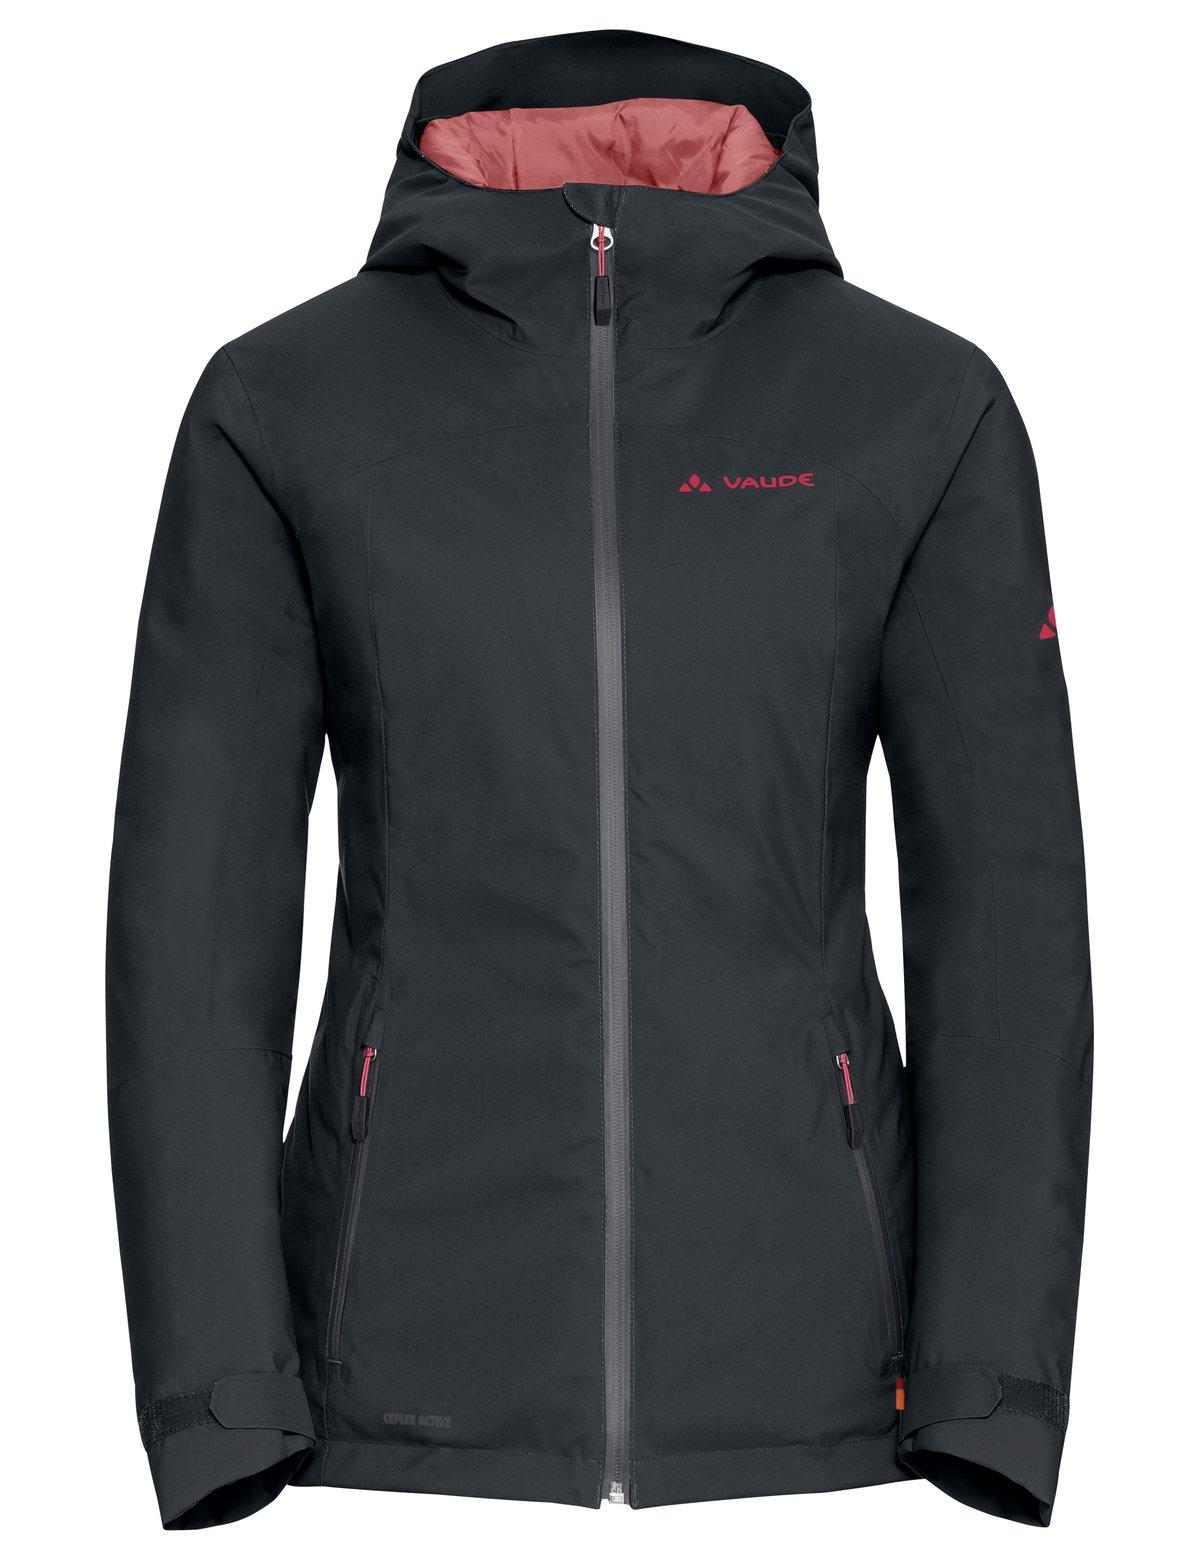 71PF9UipPRL - VAUDE Women's Carbisdale Jacket